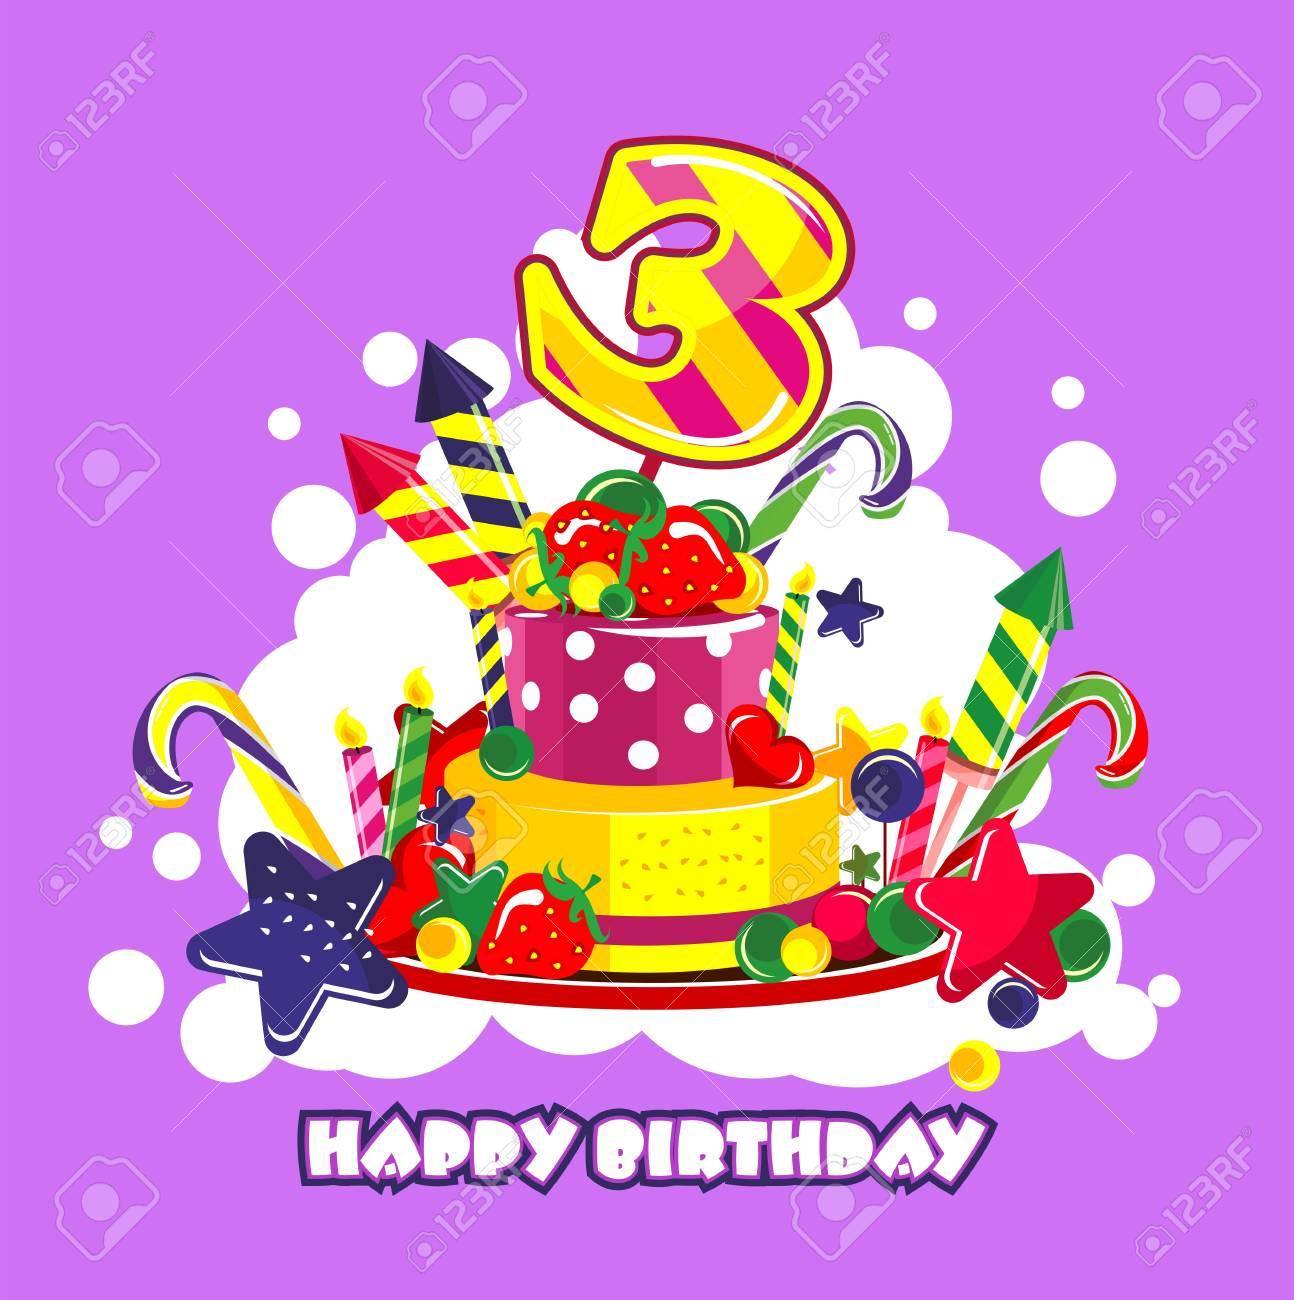 誕生日ケーキの数です ロイヤリティフリークリップアートベクター